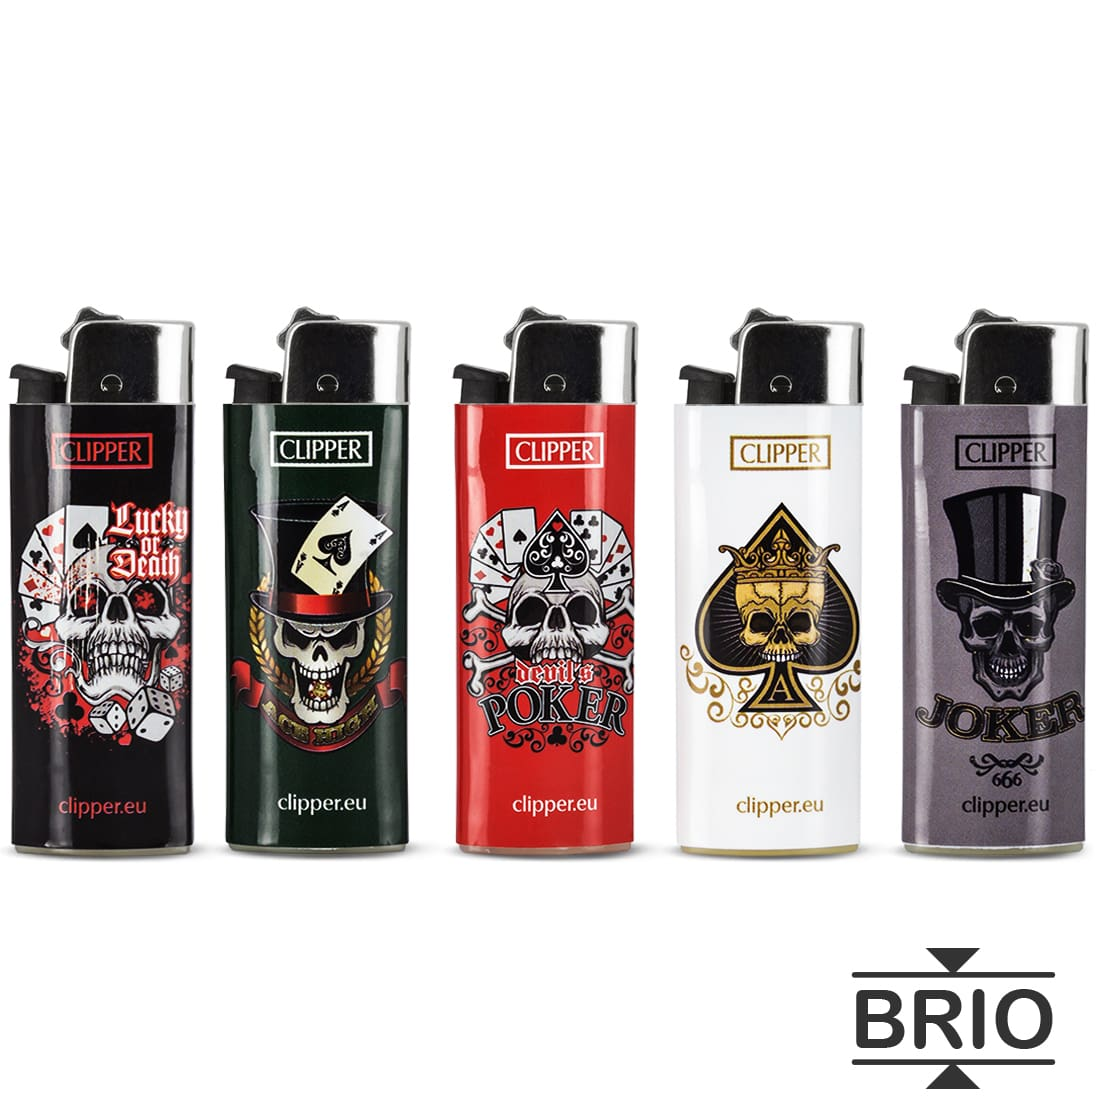 Photo #2 de Briquet Clipper Brio Micro Skull Cards x 50